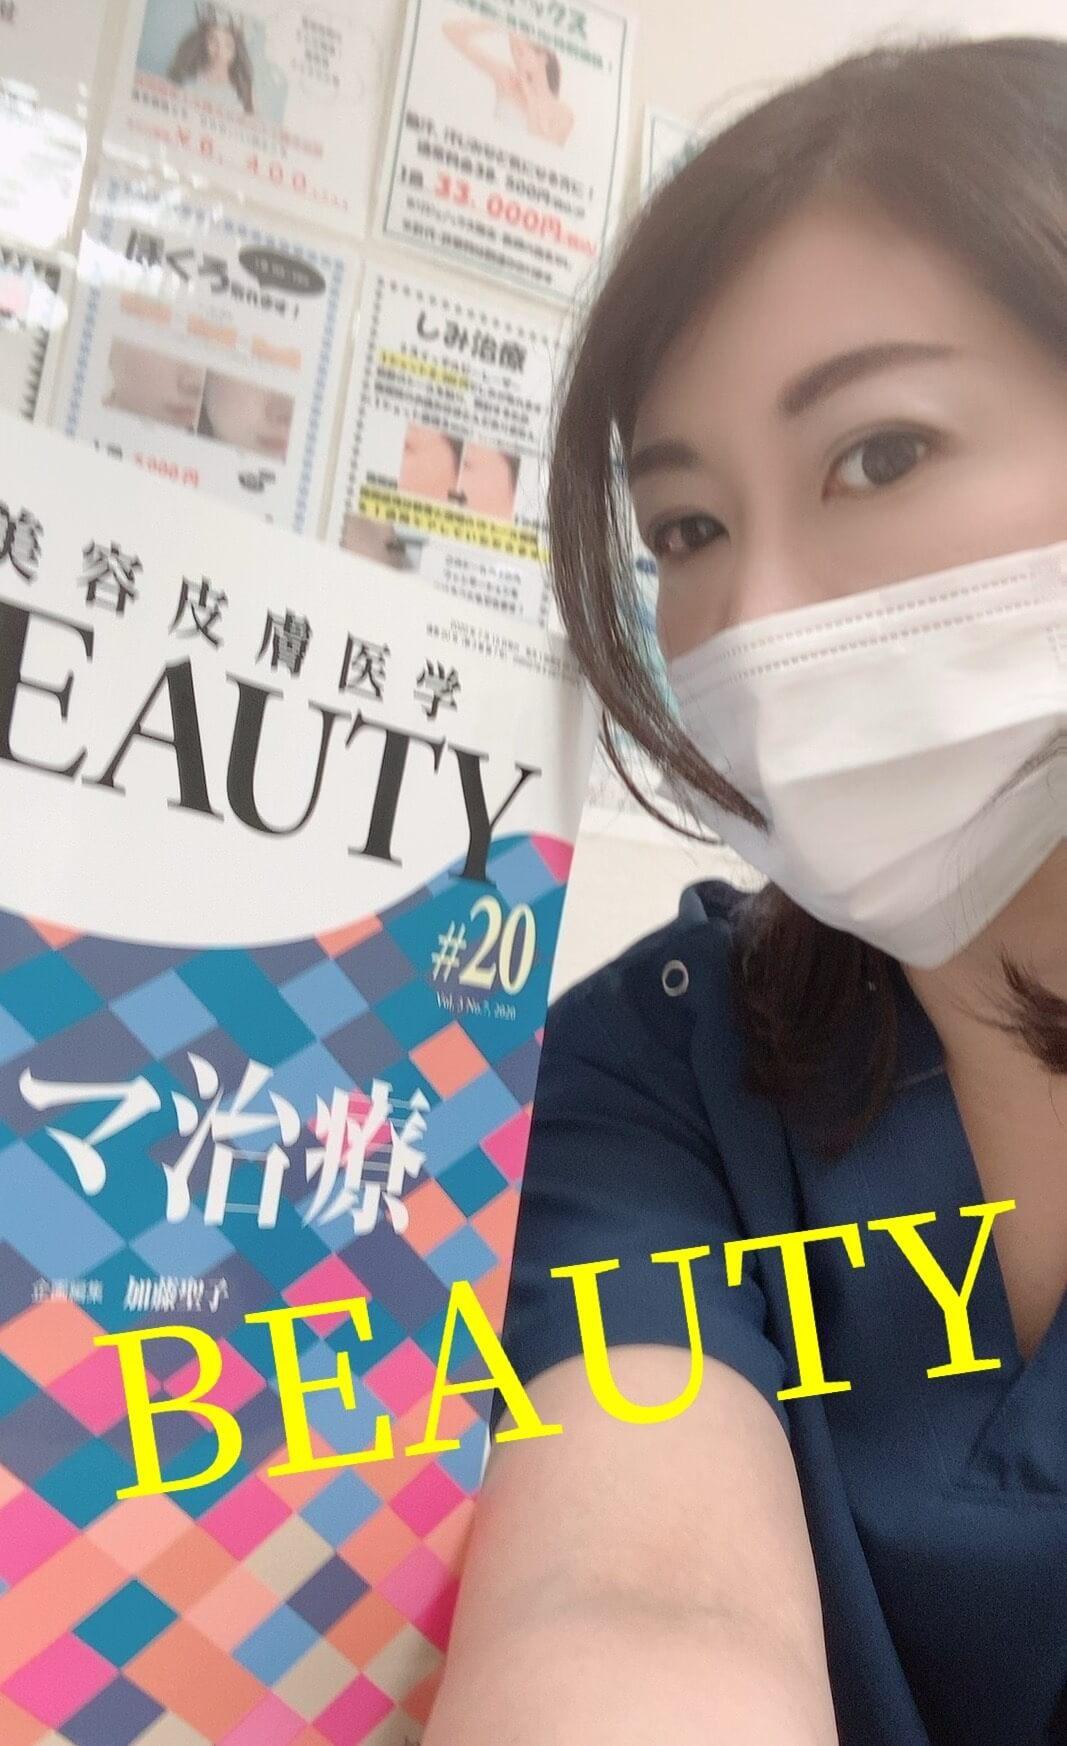 美容皮膚医学雑誌「BEAUTY」に掲載されました!